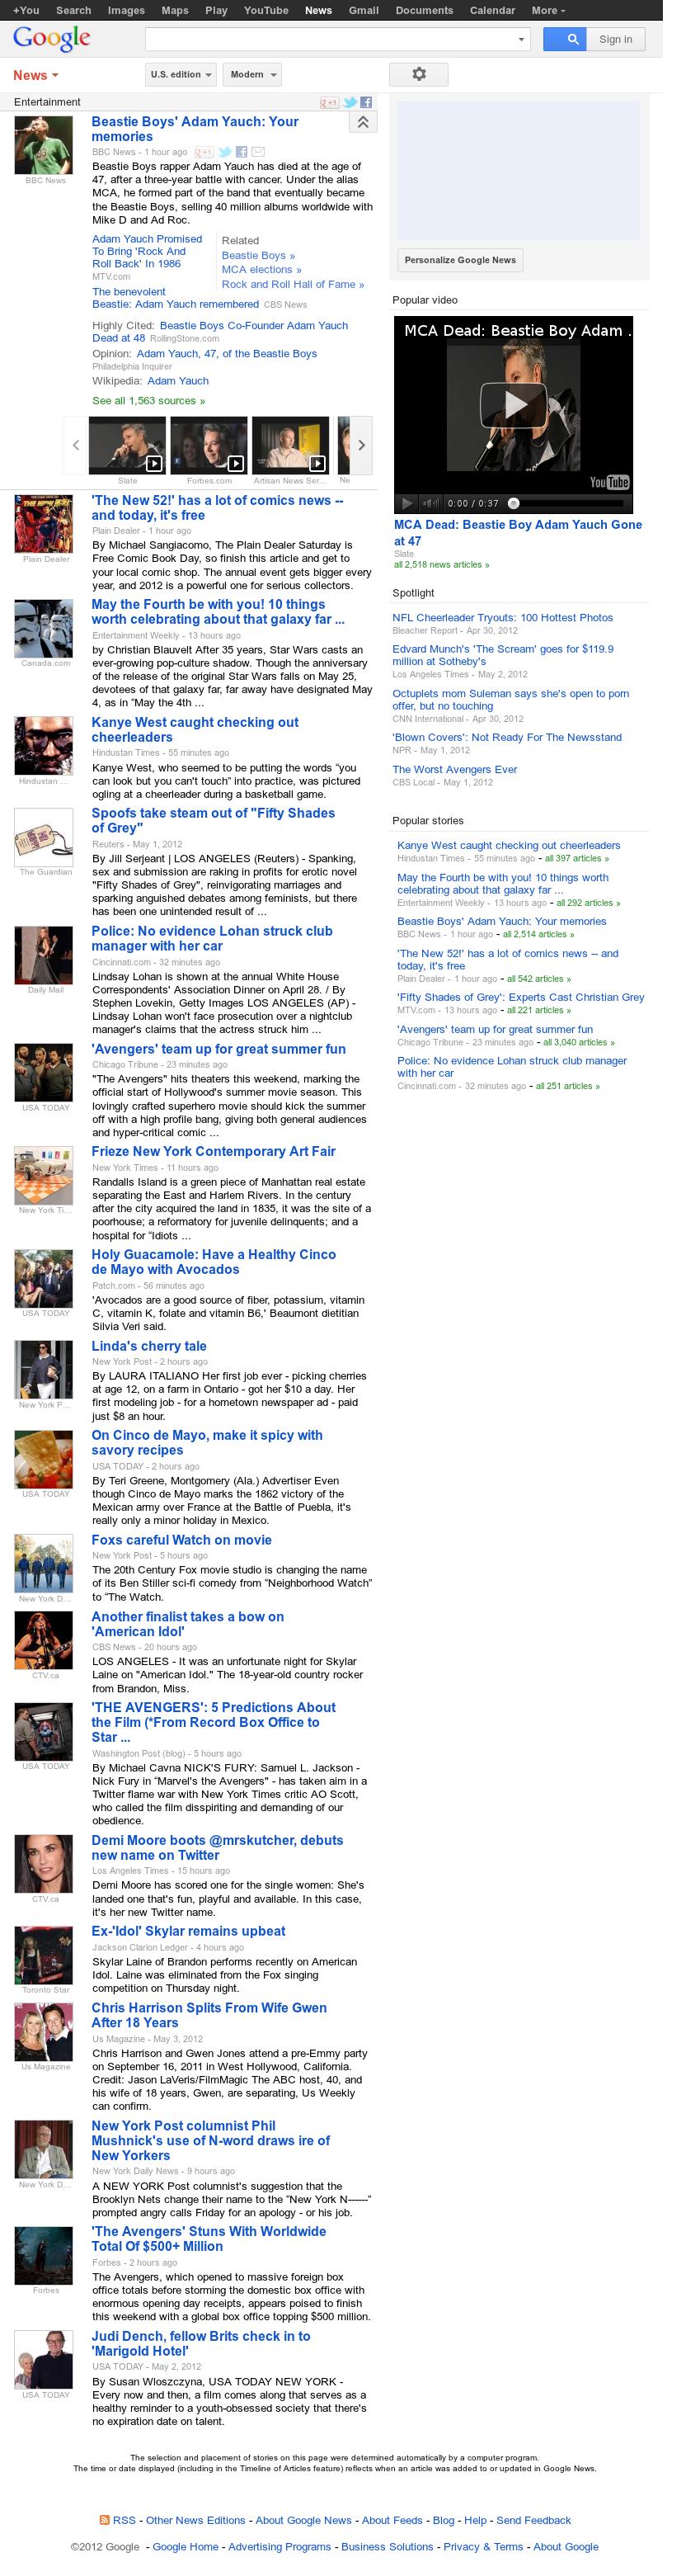 Google News: Entertainment at Saturday May 5, 2012, 11:06 a.m. UTC